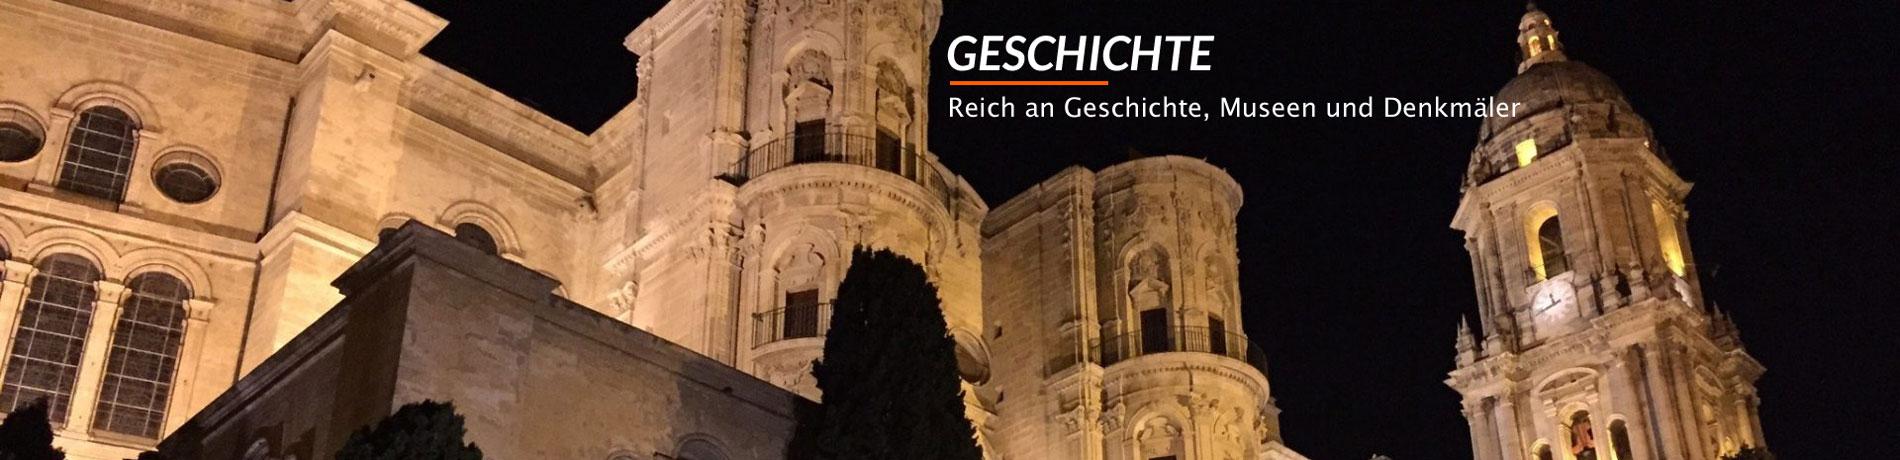 Geschichte, die reich an Geschichte, Museen und Denkmäler